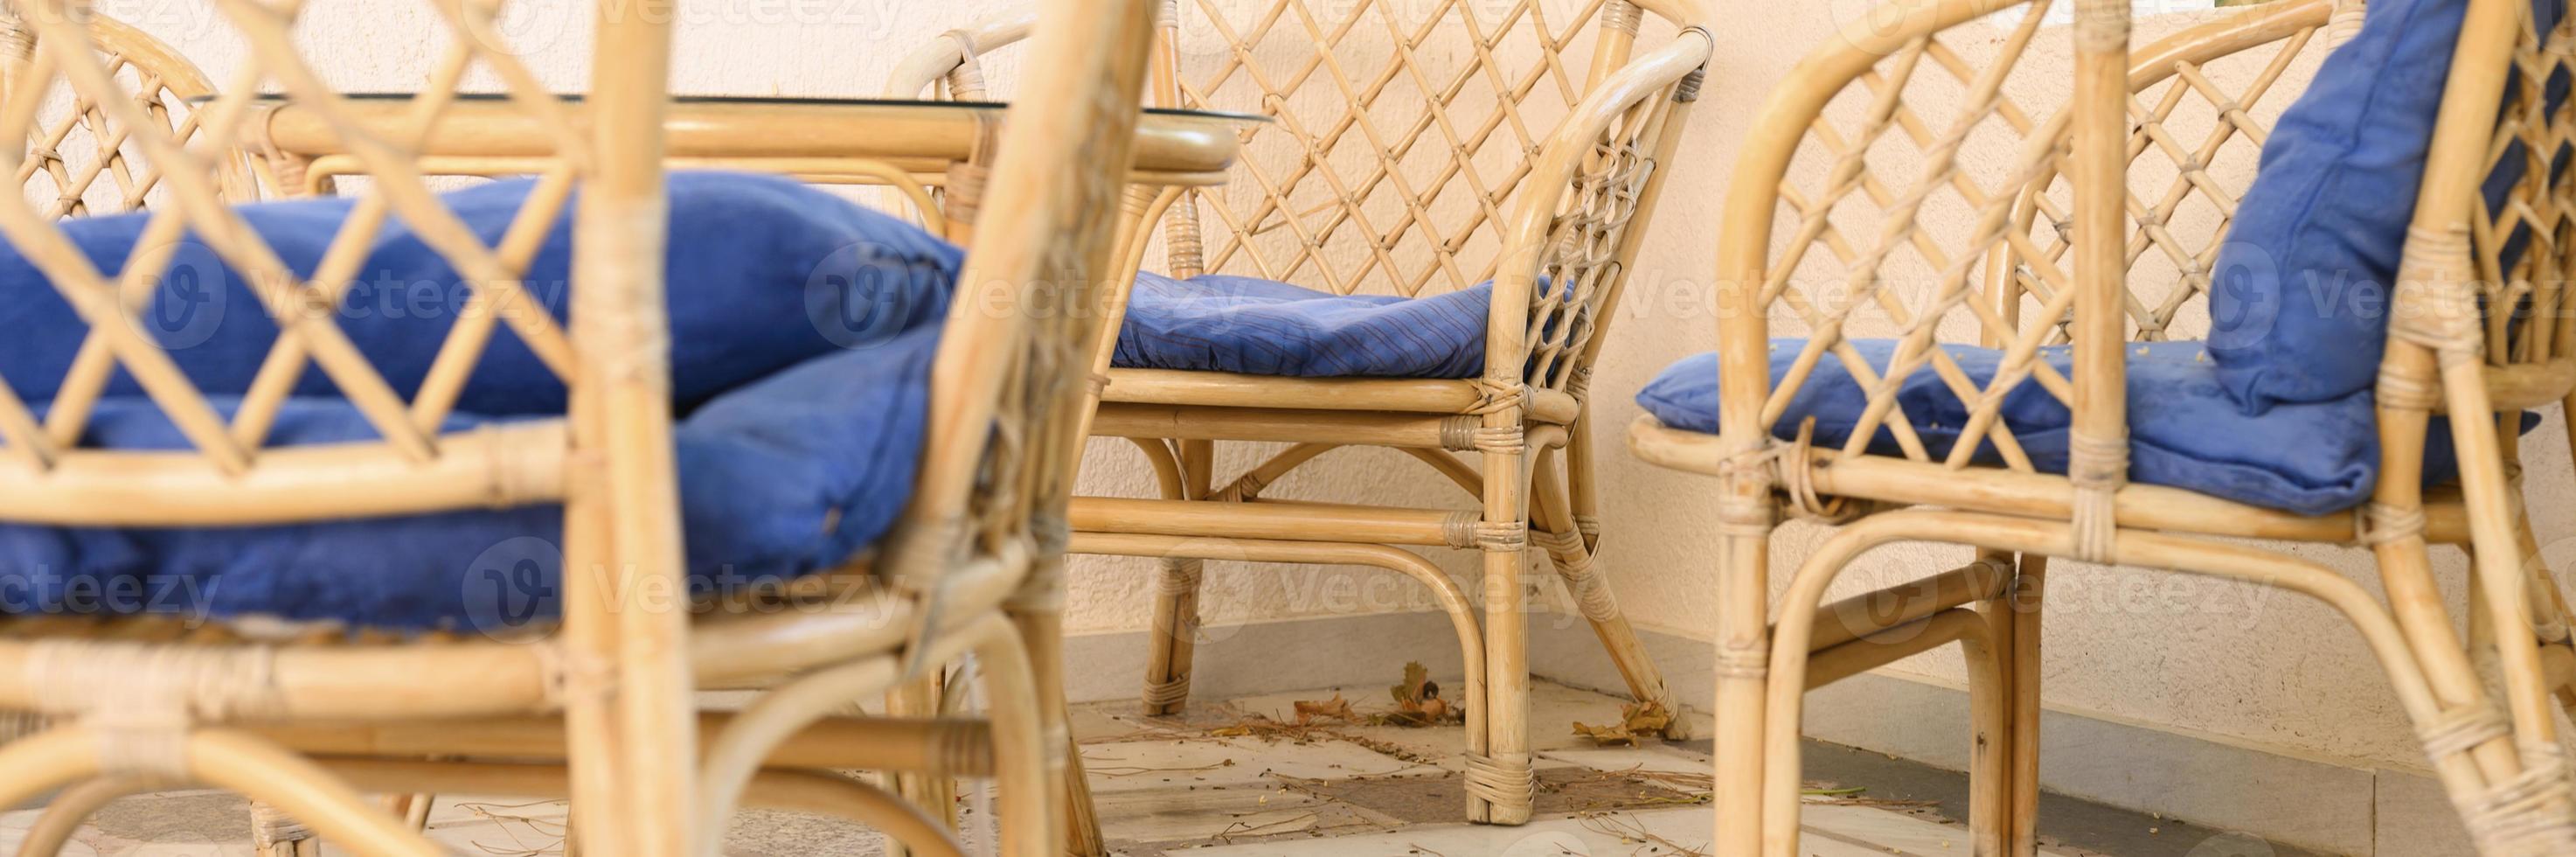 chaises en bois d'osier et table basse pour se détendre et socialiser photo